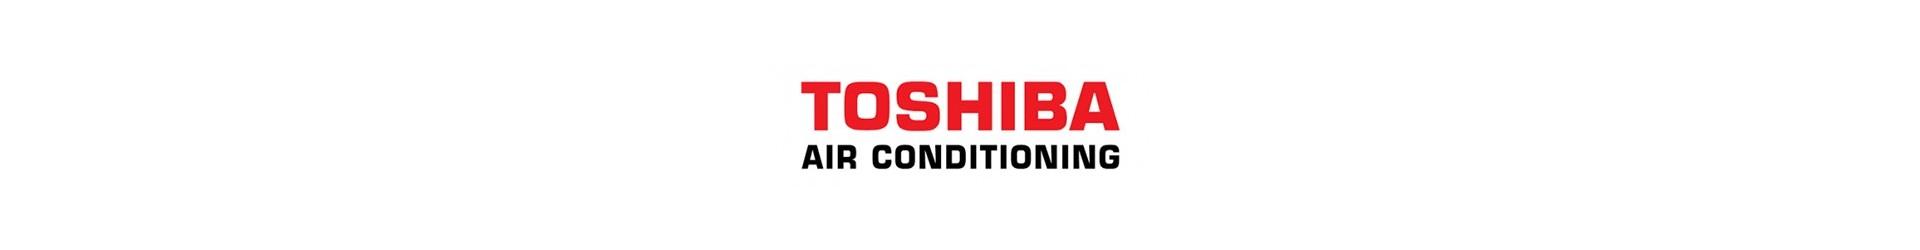 Toshiba (Gewerbliche Klimaanlage)